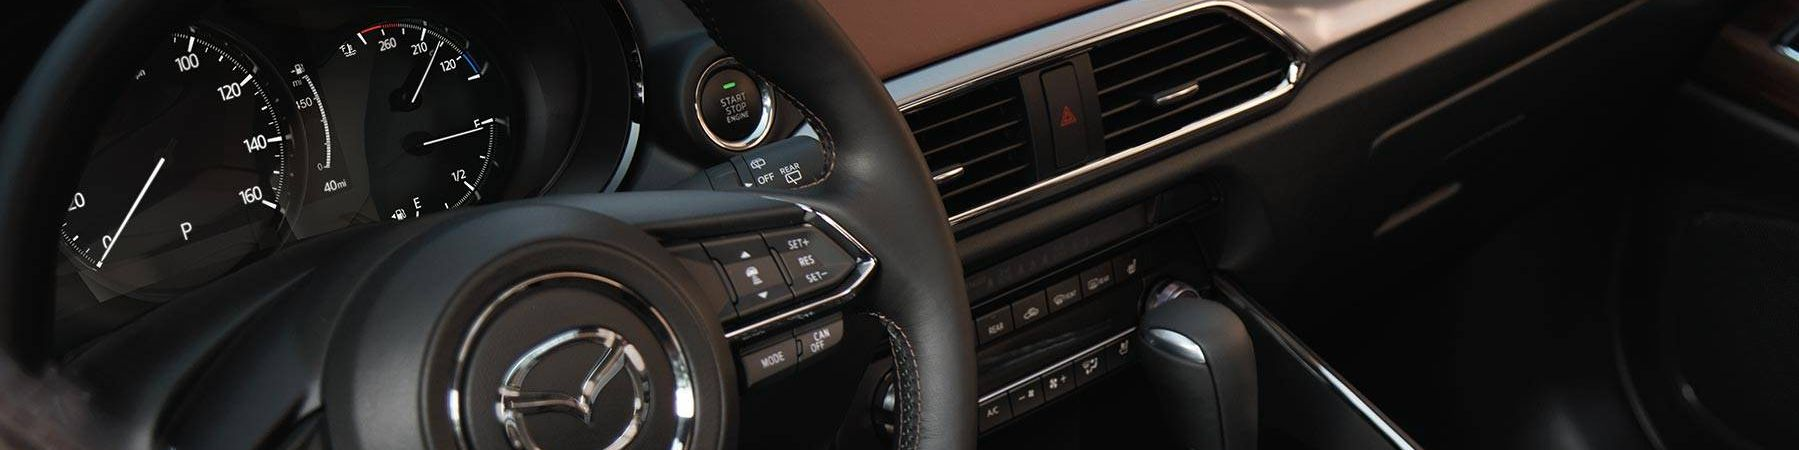 2019 Mazda CX-9 Interior